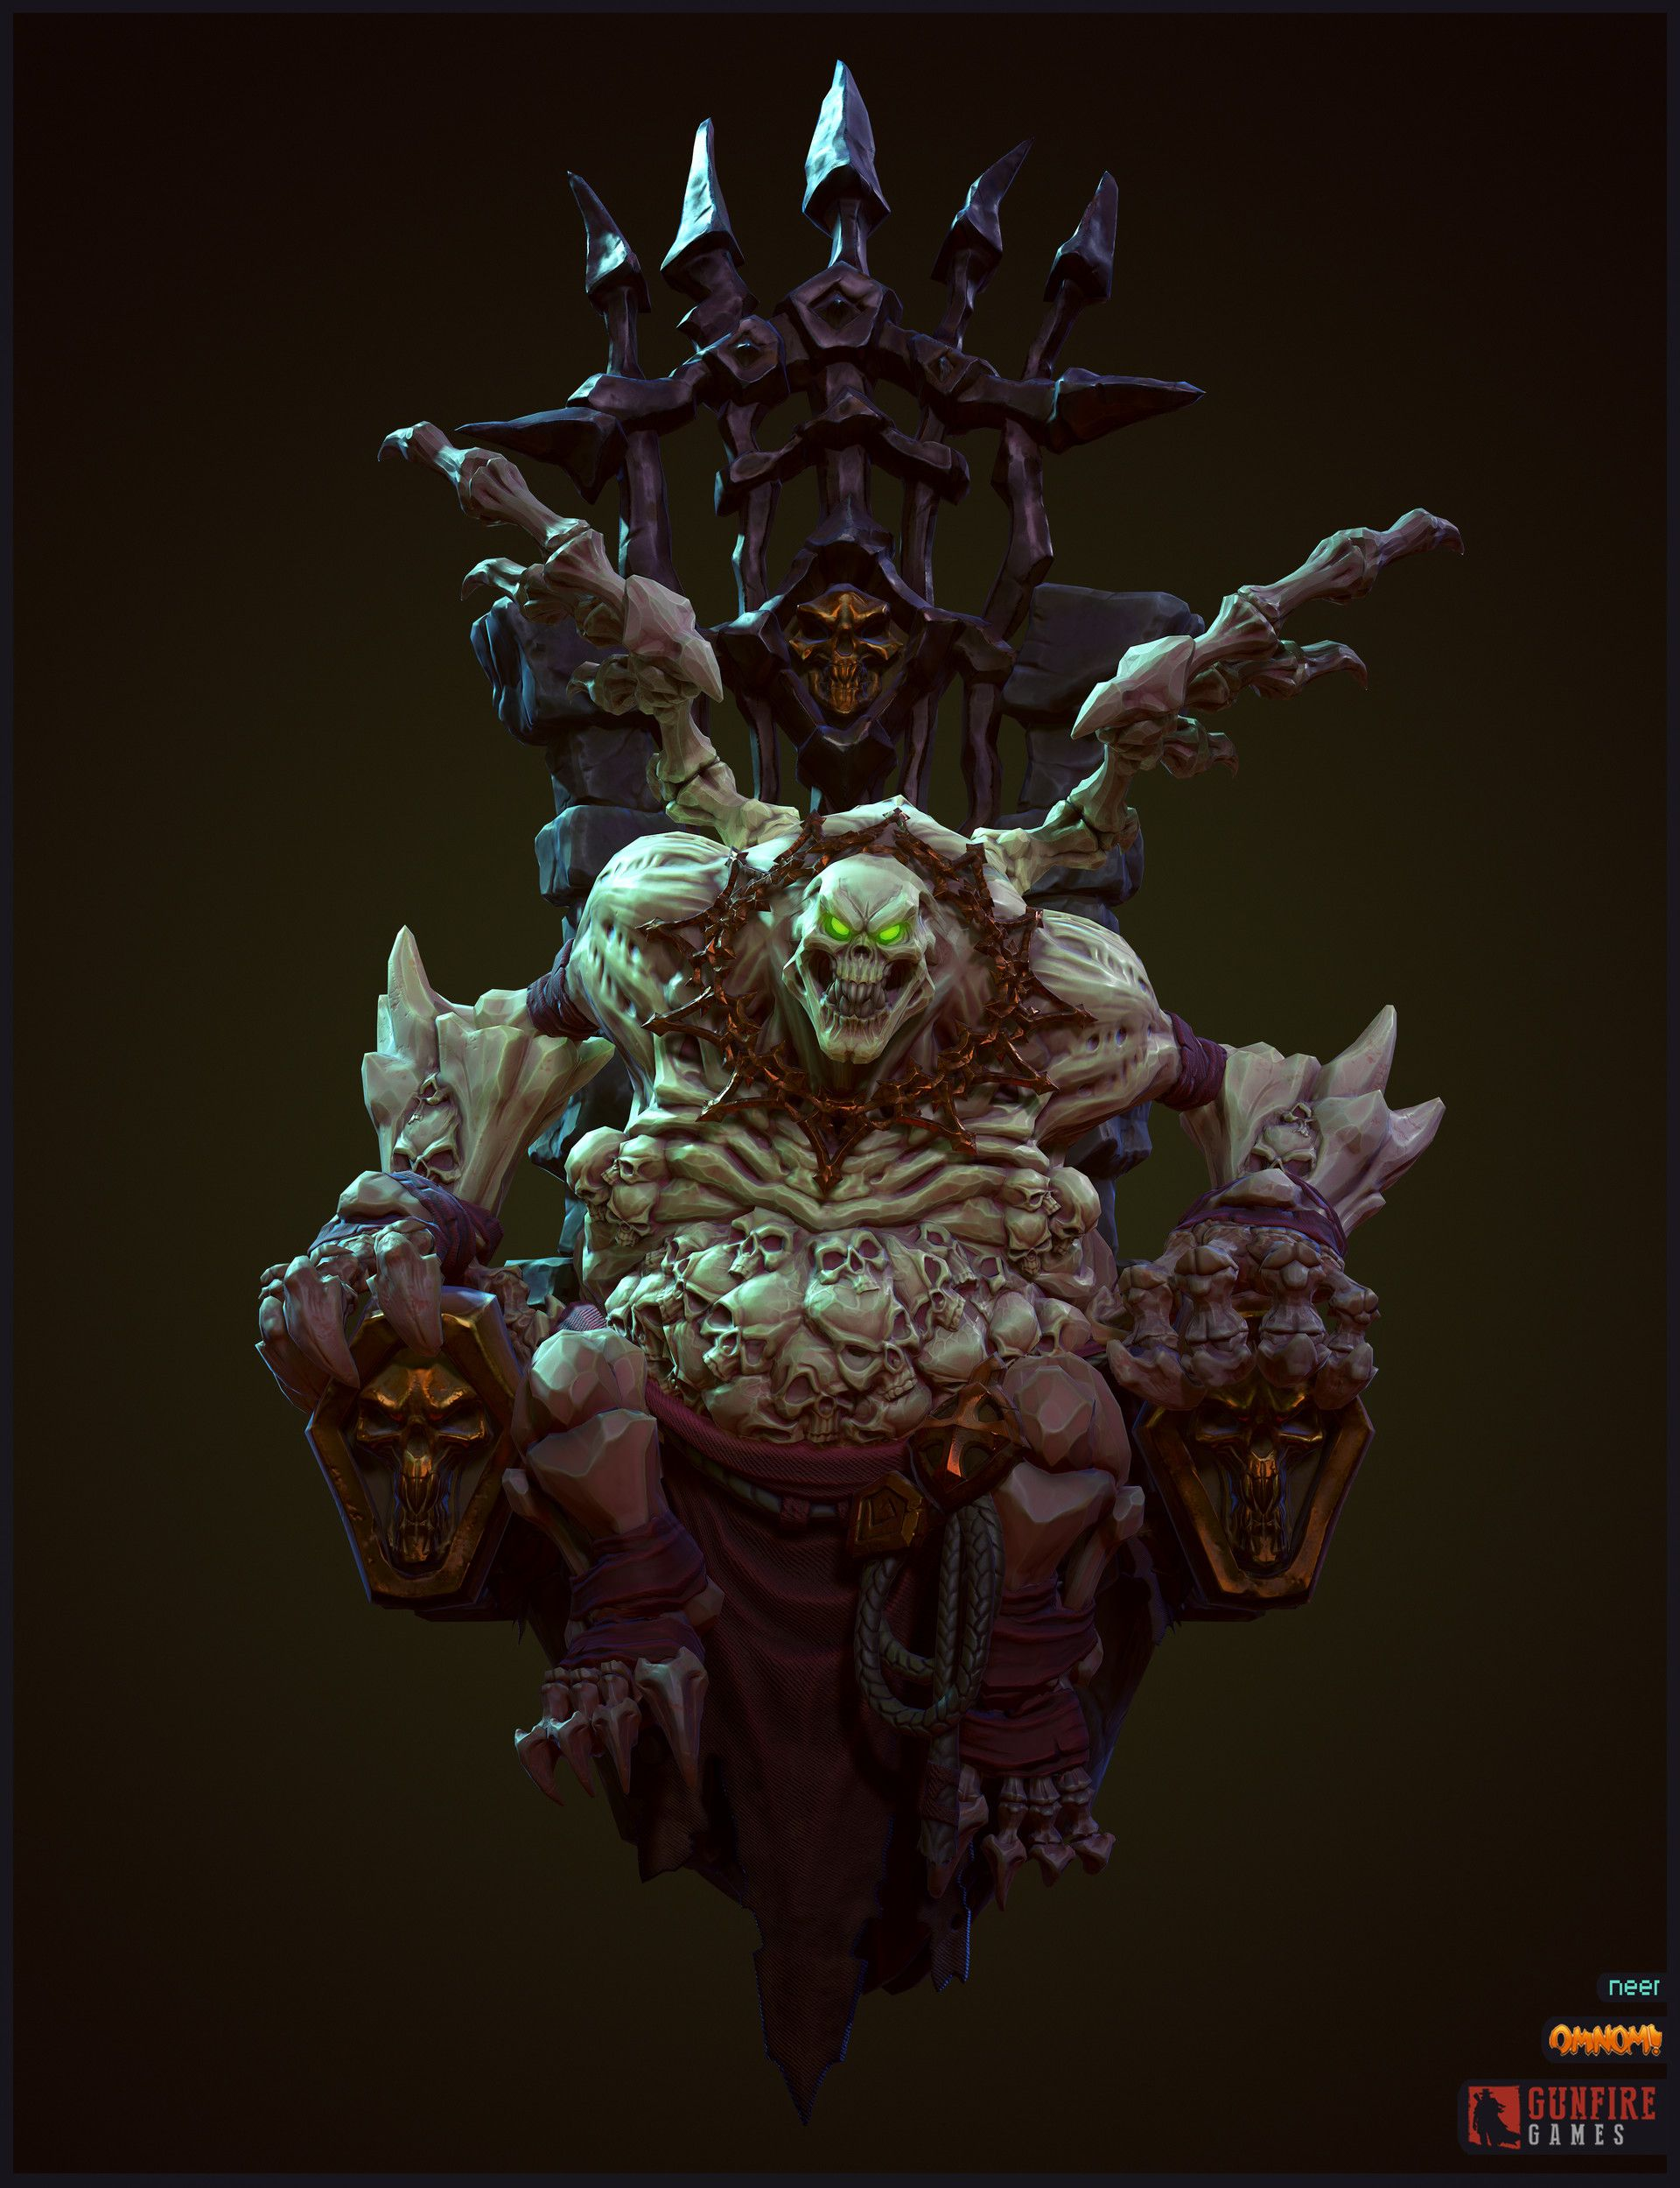 ArtStation - Corrupted Tomekeeper - Darksiders 3, Neer